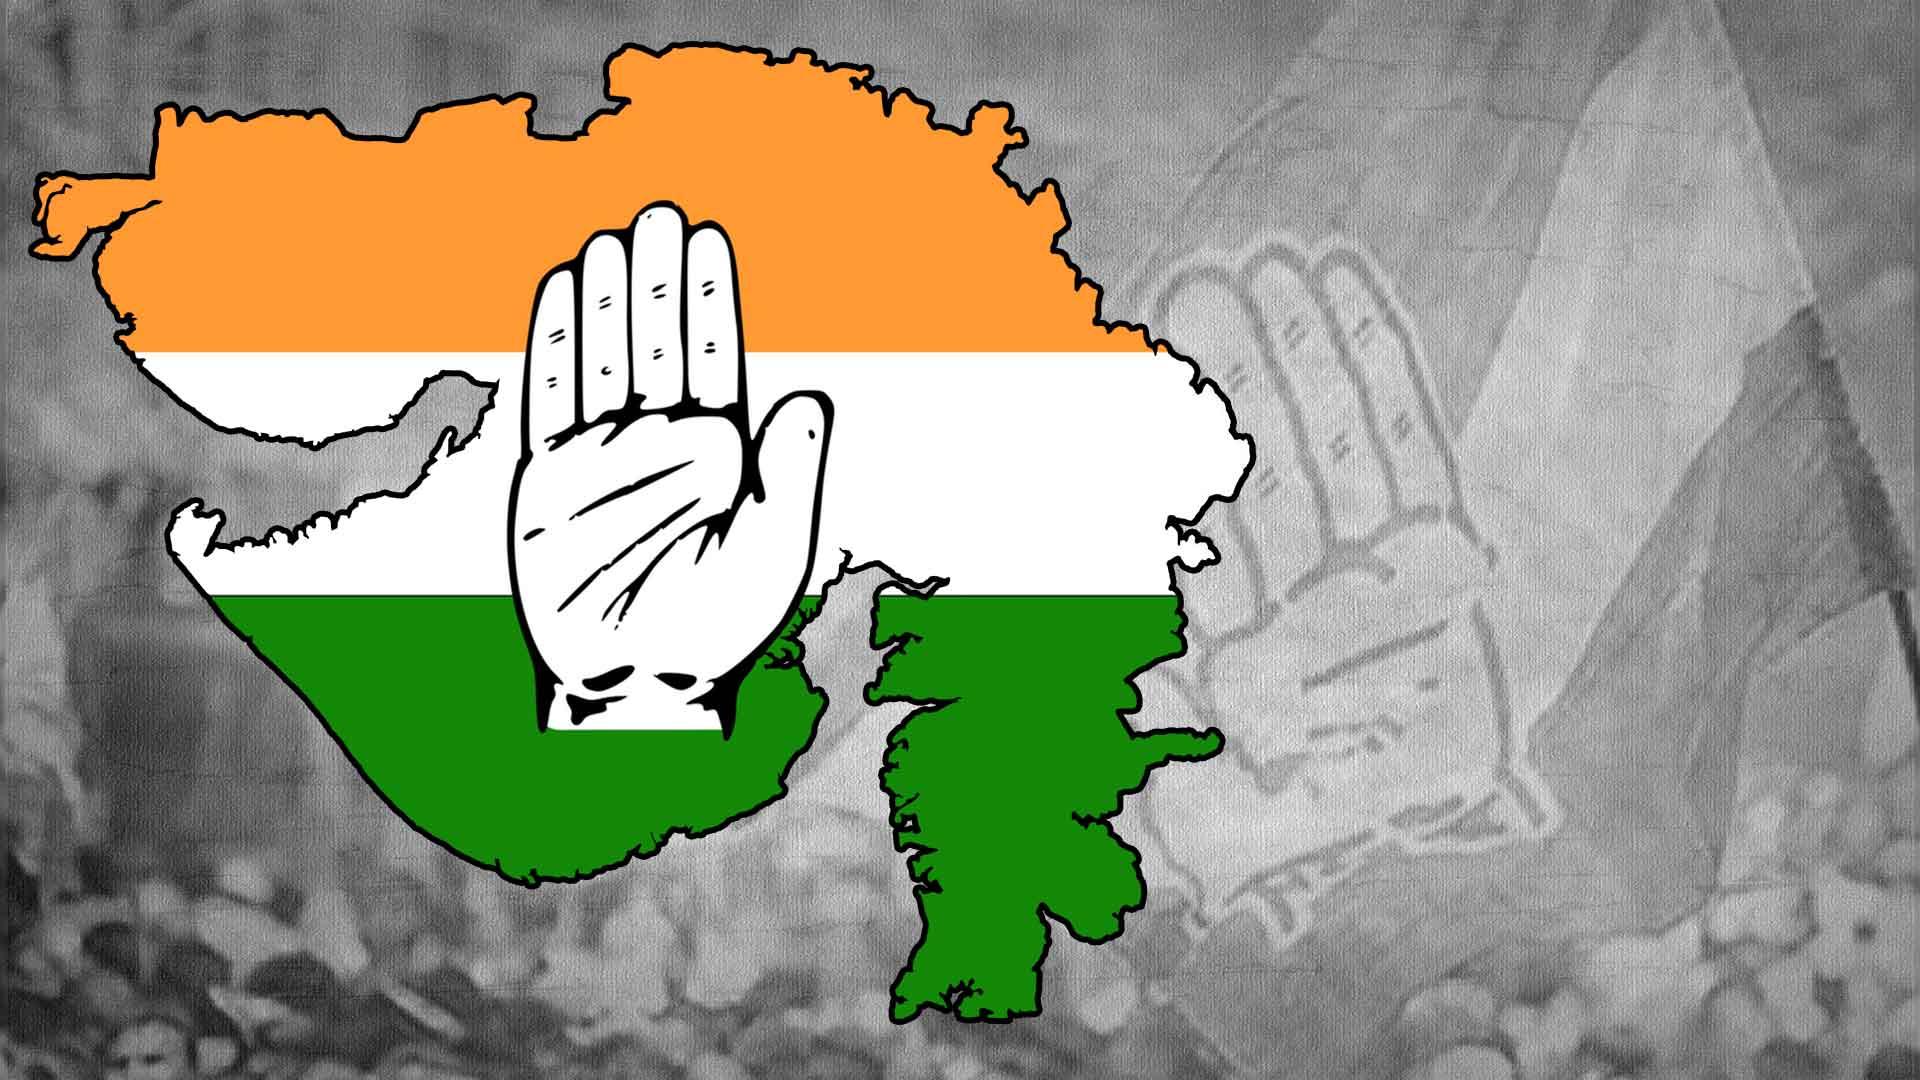 હાર્દિક પટેલ, શક્તિસિંહ ગોહિલની પ્રદેશ અધ્યક્ષ માટે ''ના'', તો કોને સોંપાશે ગુજરાત કોંગ્રેસની કમાન